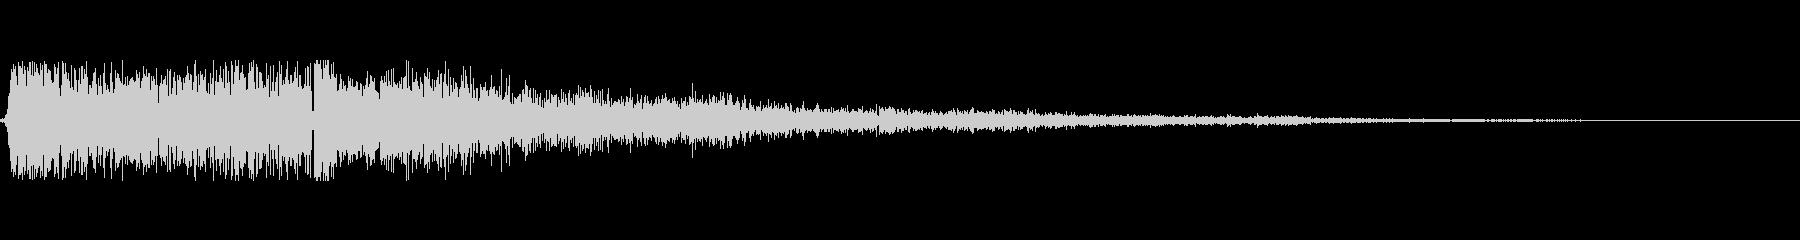 シャヒーン(気付き 気配 決定)の未再生の波形